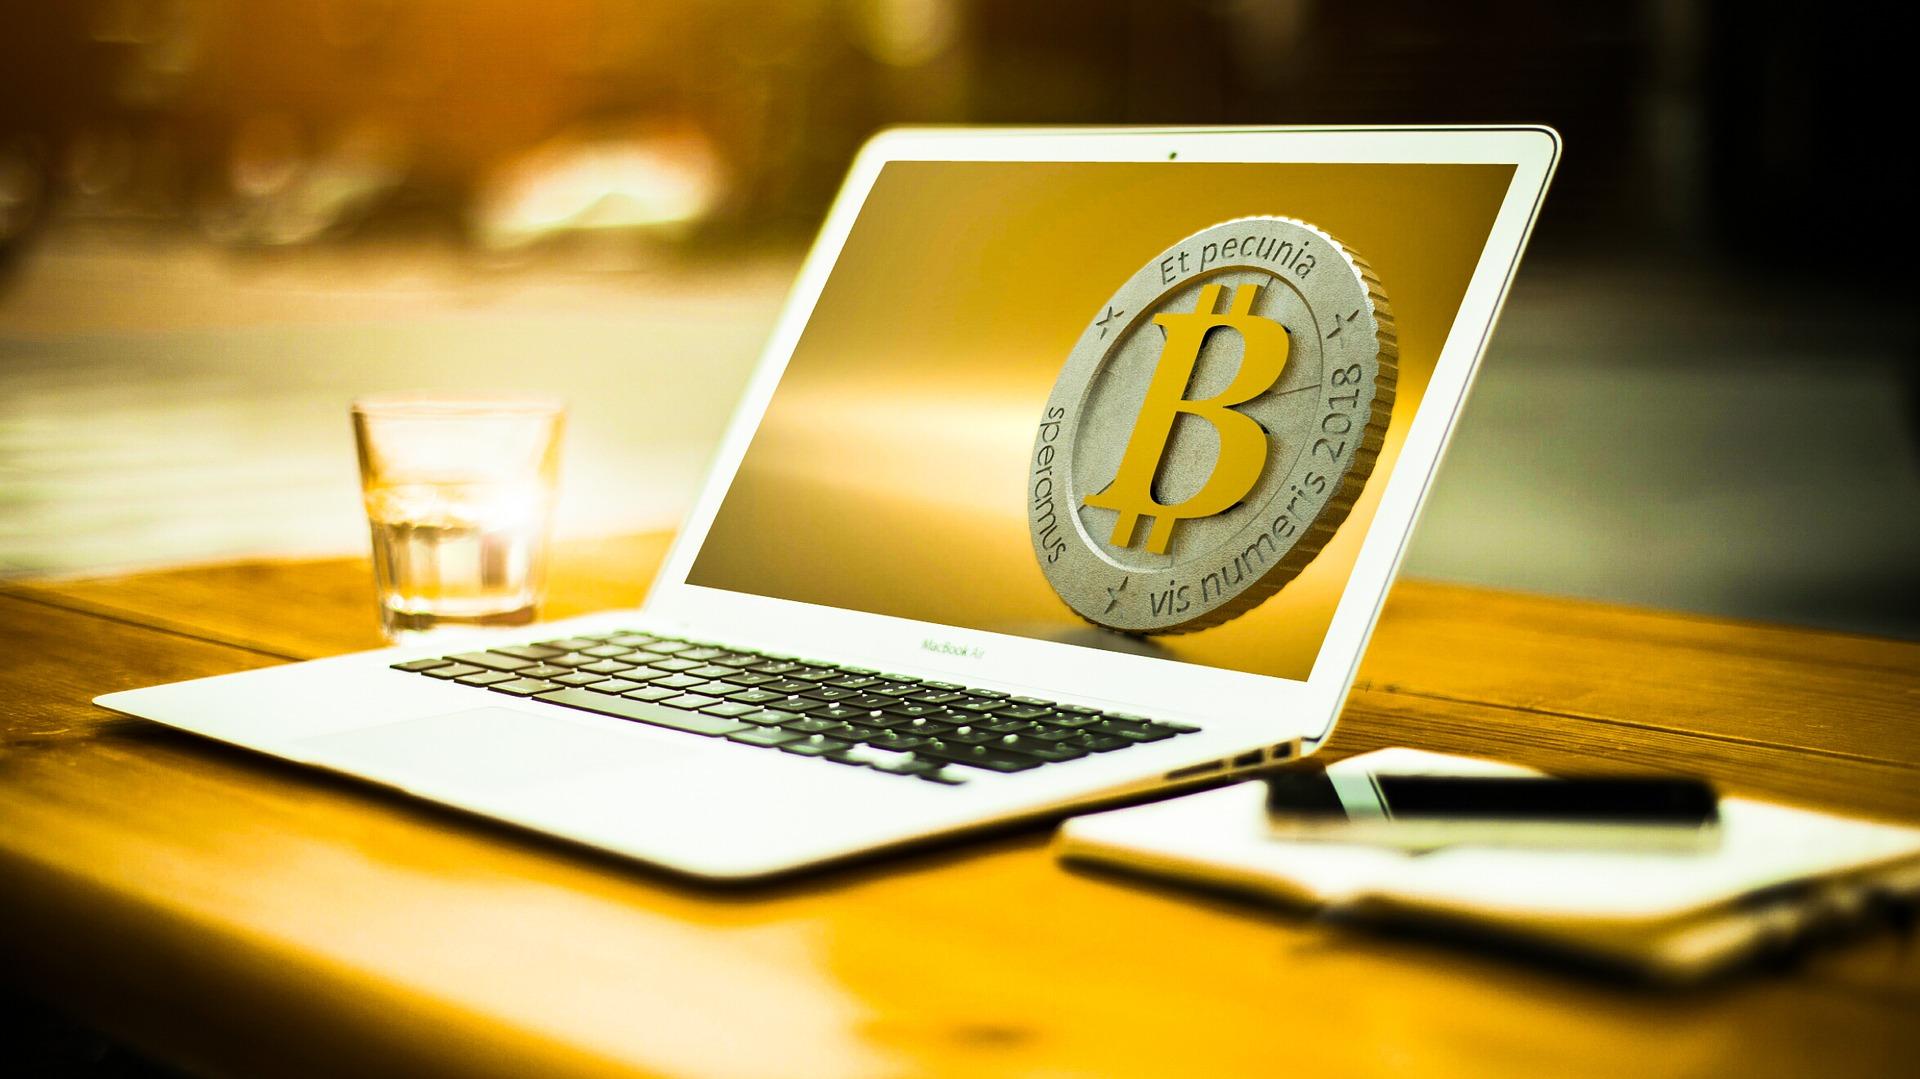 cripto de comercio en red maneira mais fácil e mais rentável de ganhar dinheiro online cuánto dinero puedo hacer minería de bitcoin con gtx 970